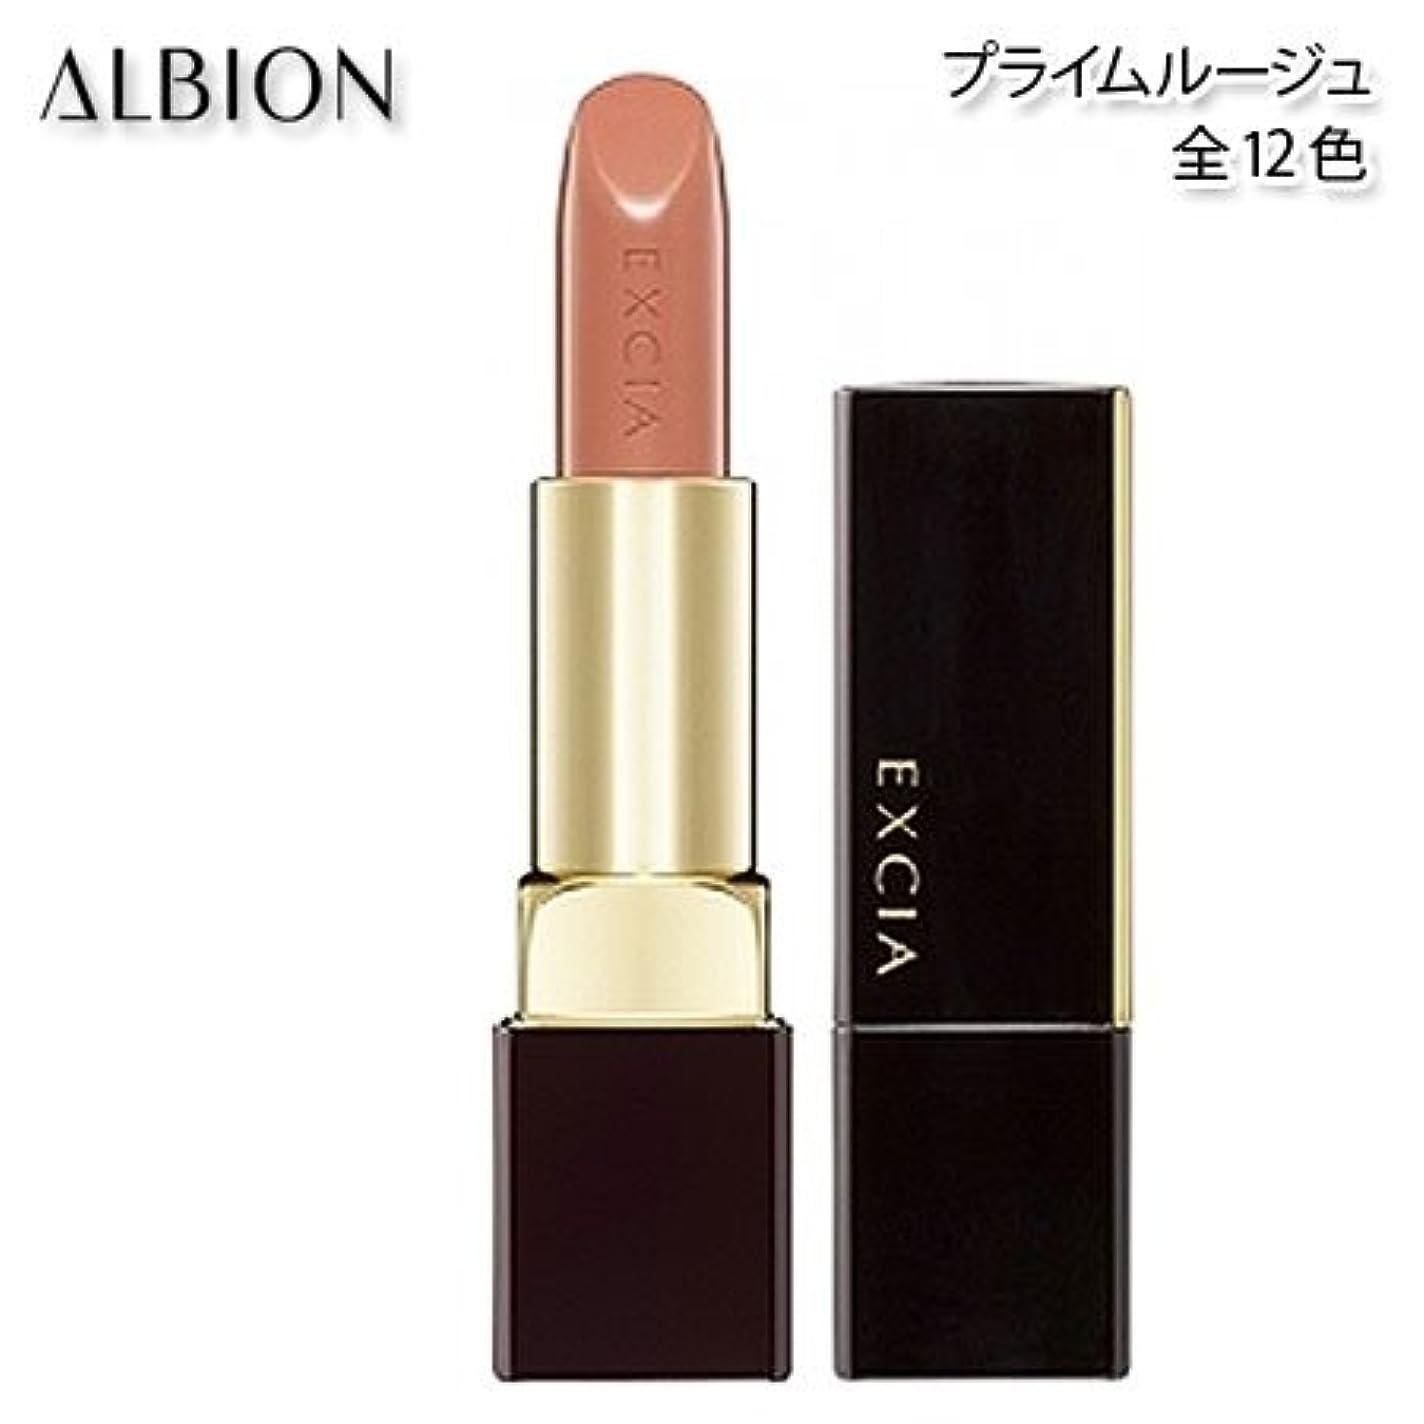 悪性の傑作第三アルビオン エクシア AL プライムルージュ 4.2g 12色 -ALBION- OR200